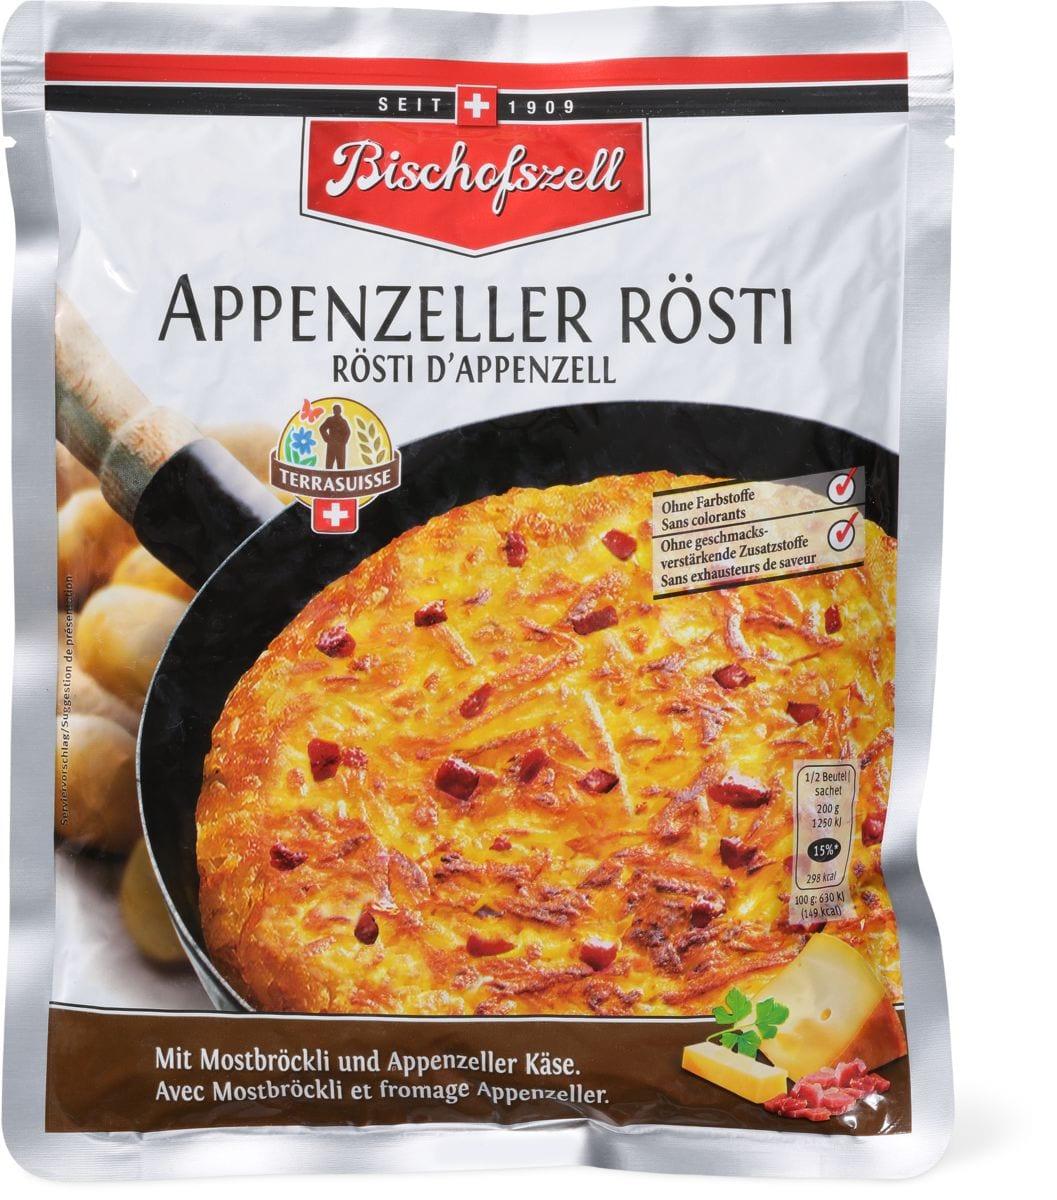 Bischofzell Terra-Suisse Appenz. rösti